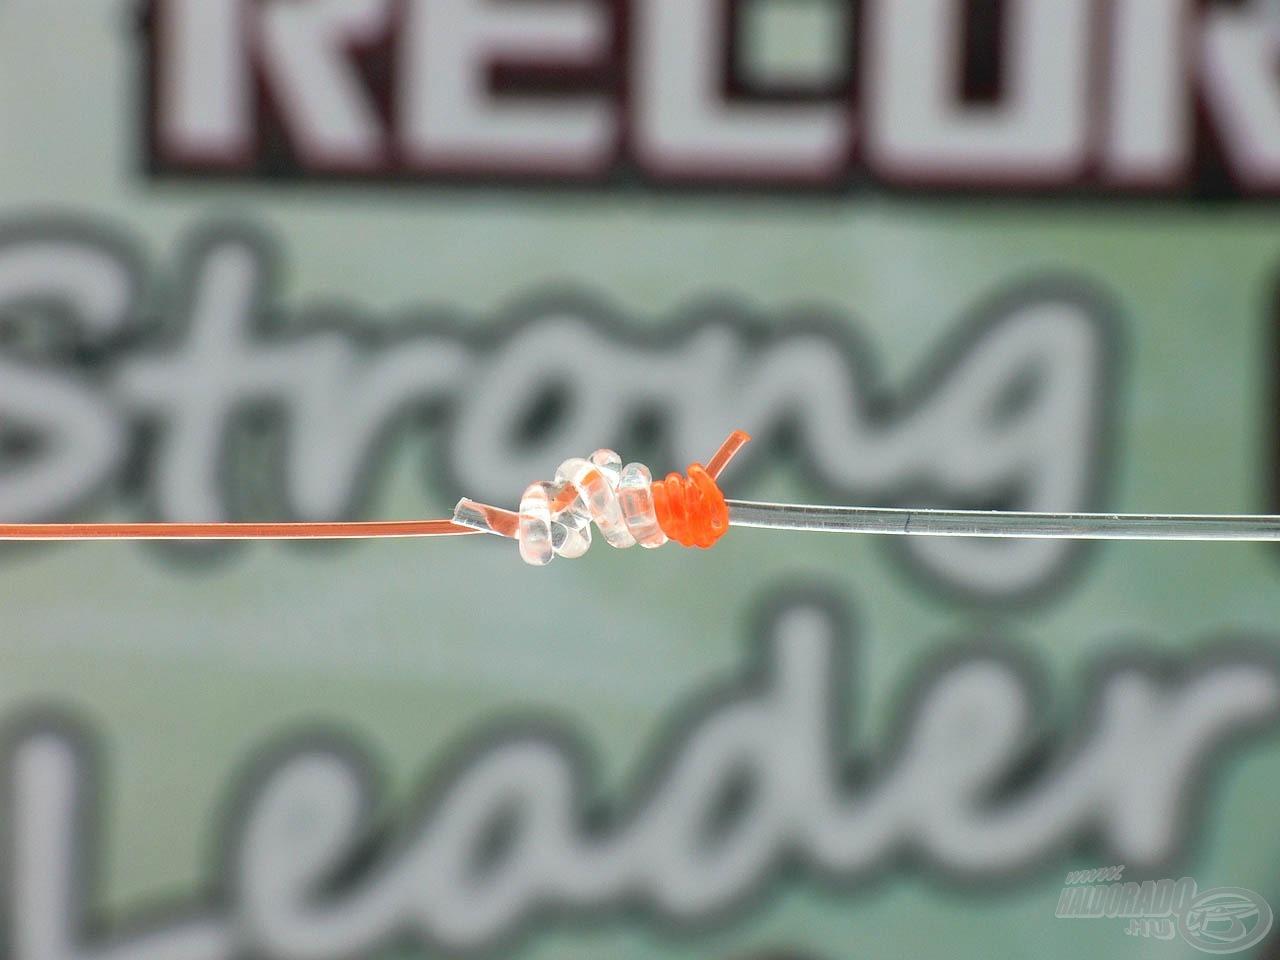 A vízben szinte láthatatlan előtétzsinórból 25-30 métert célszerű a főzsinórunk végére kötni